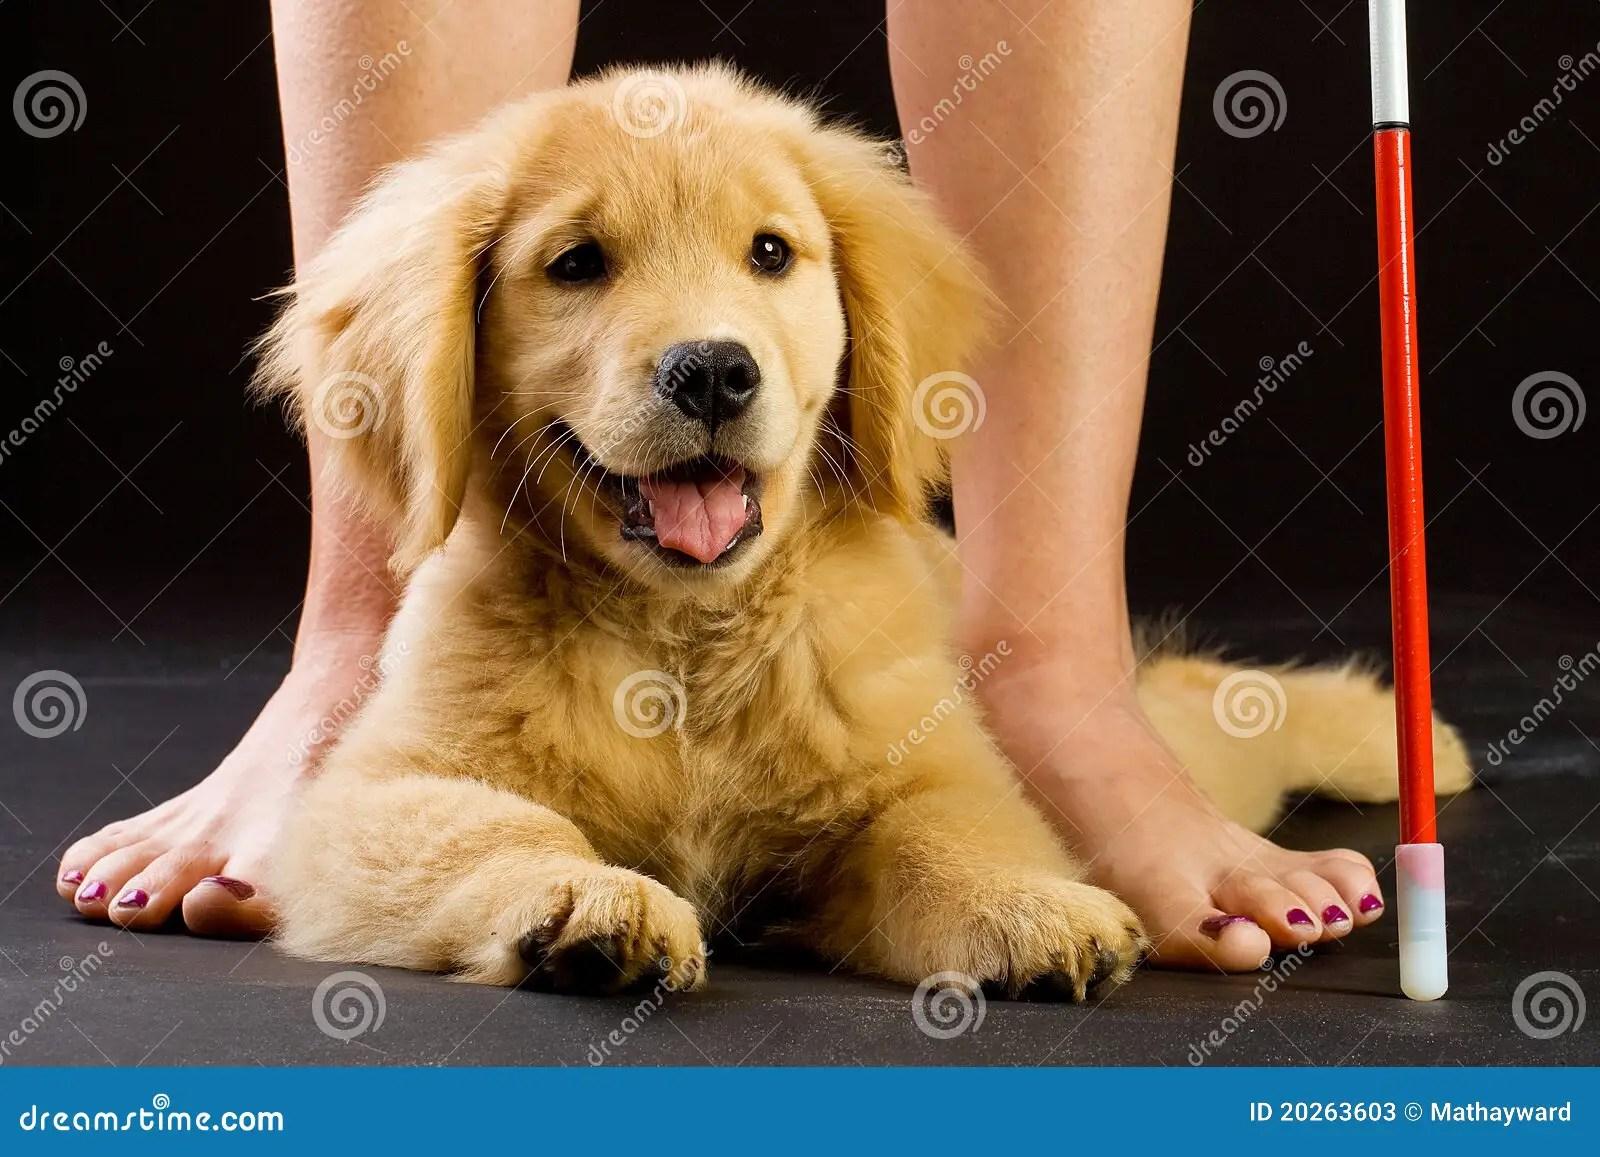 Seeing Eye Dog In Training Stock Photos